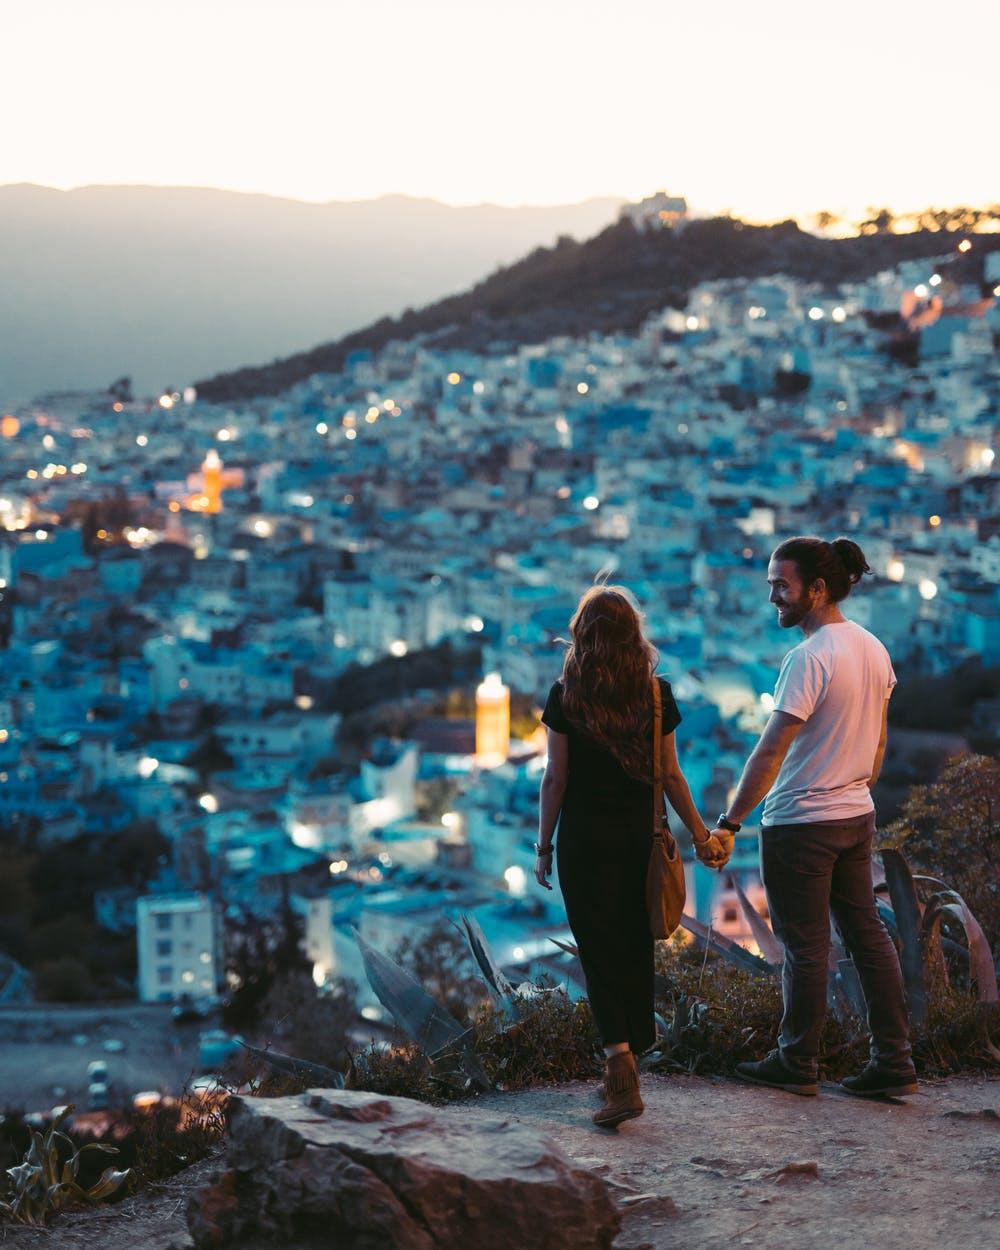 excursion-a-chaouen-desde-tanger-viajes-amazigh-marruecos-16